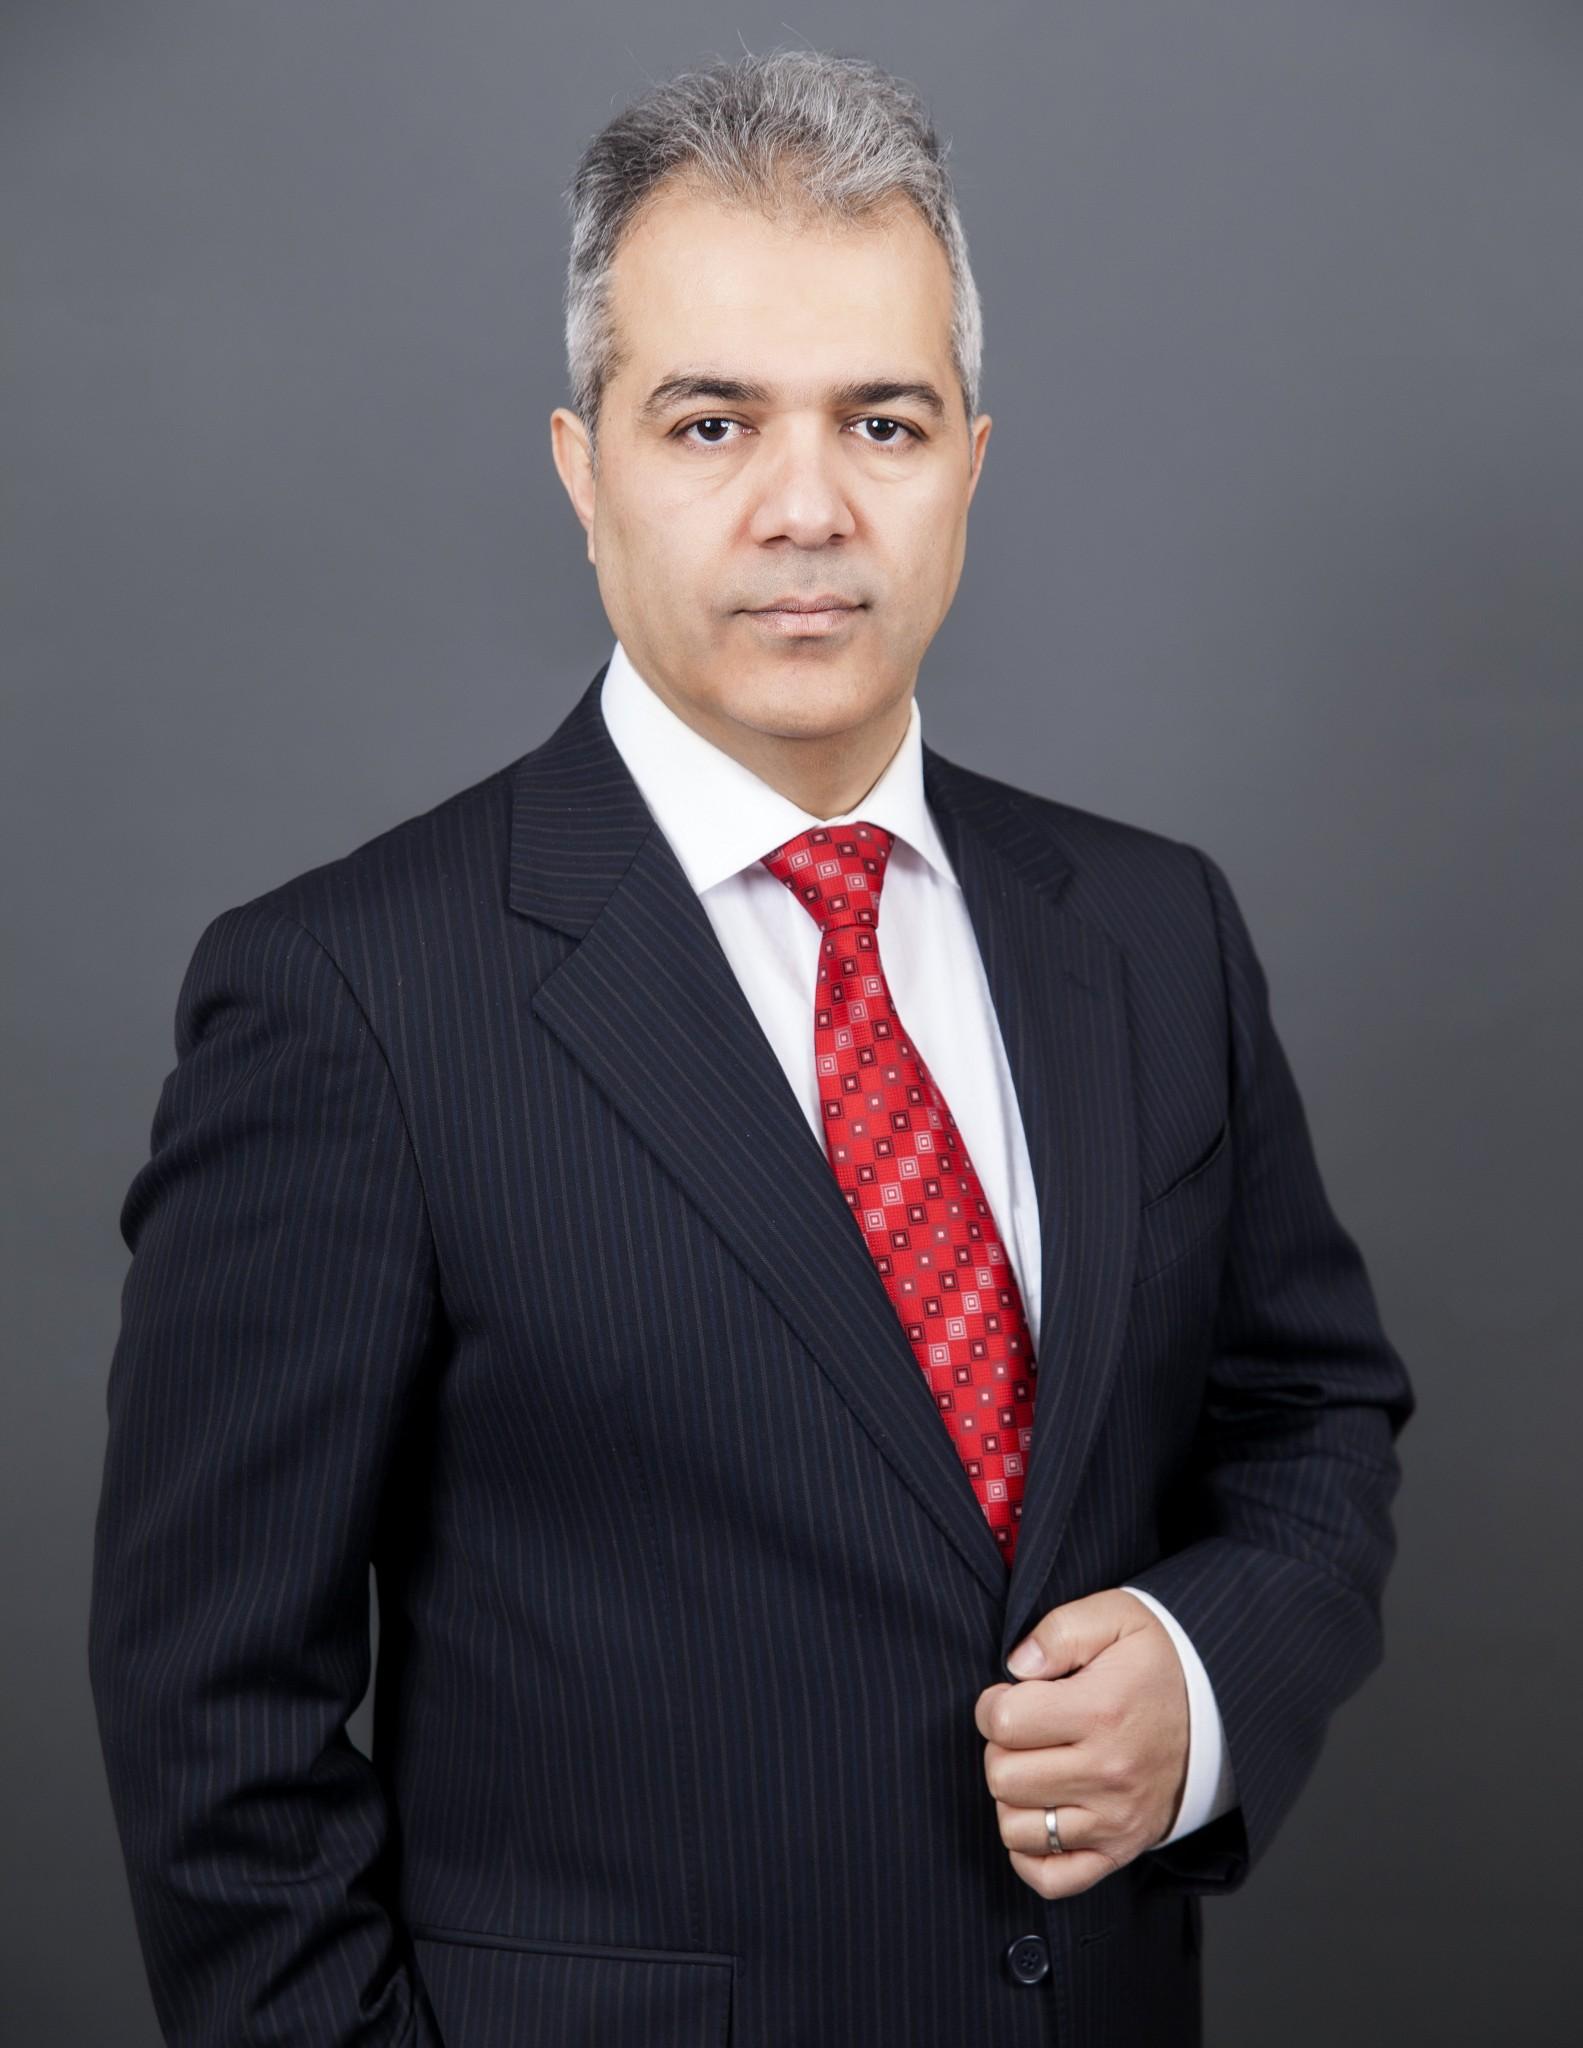 Mehran Bagheri